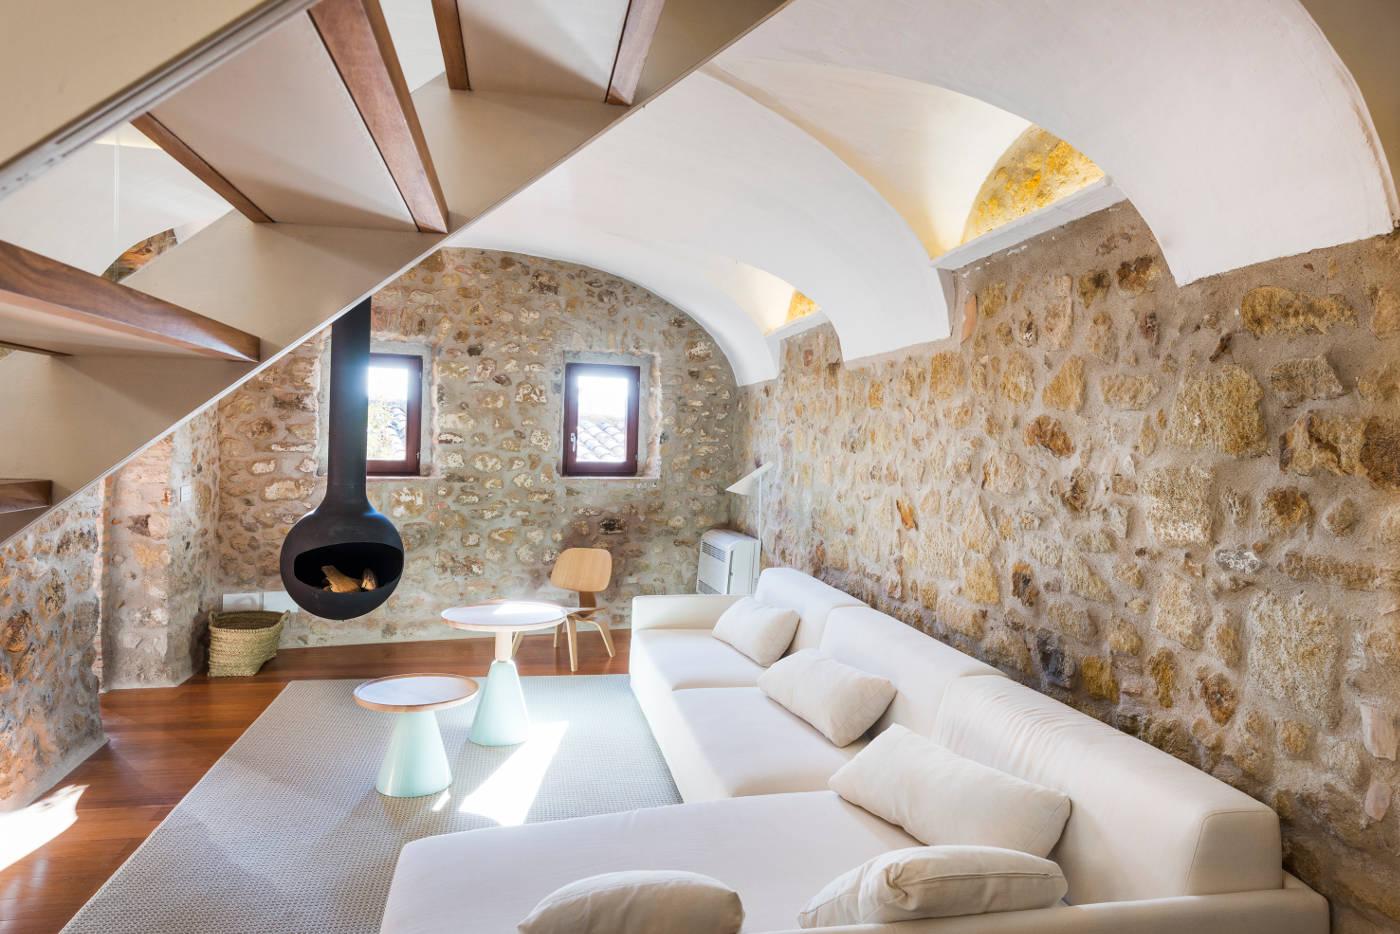 Interiorismo casas de pueblo gloria duran estudio de - Interiorismo de casas ...